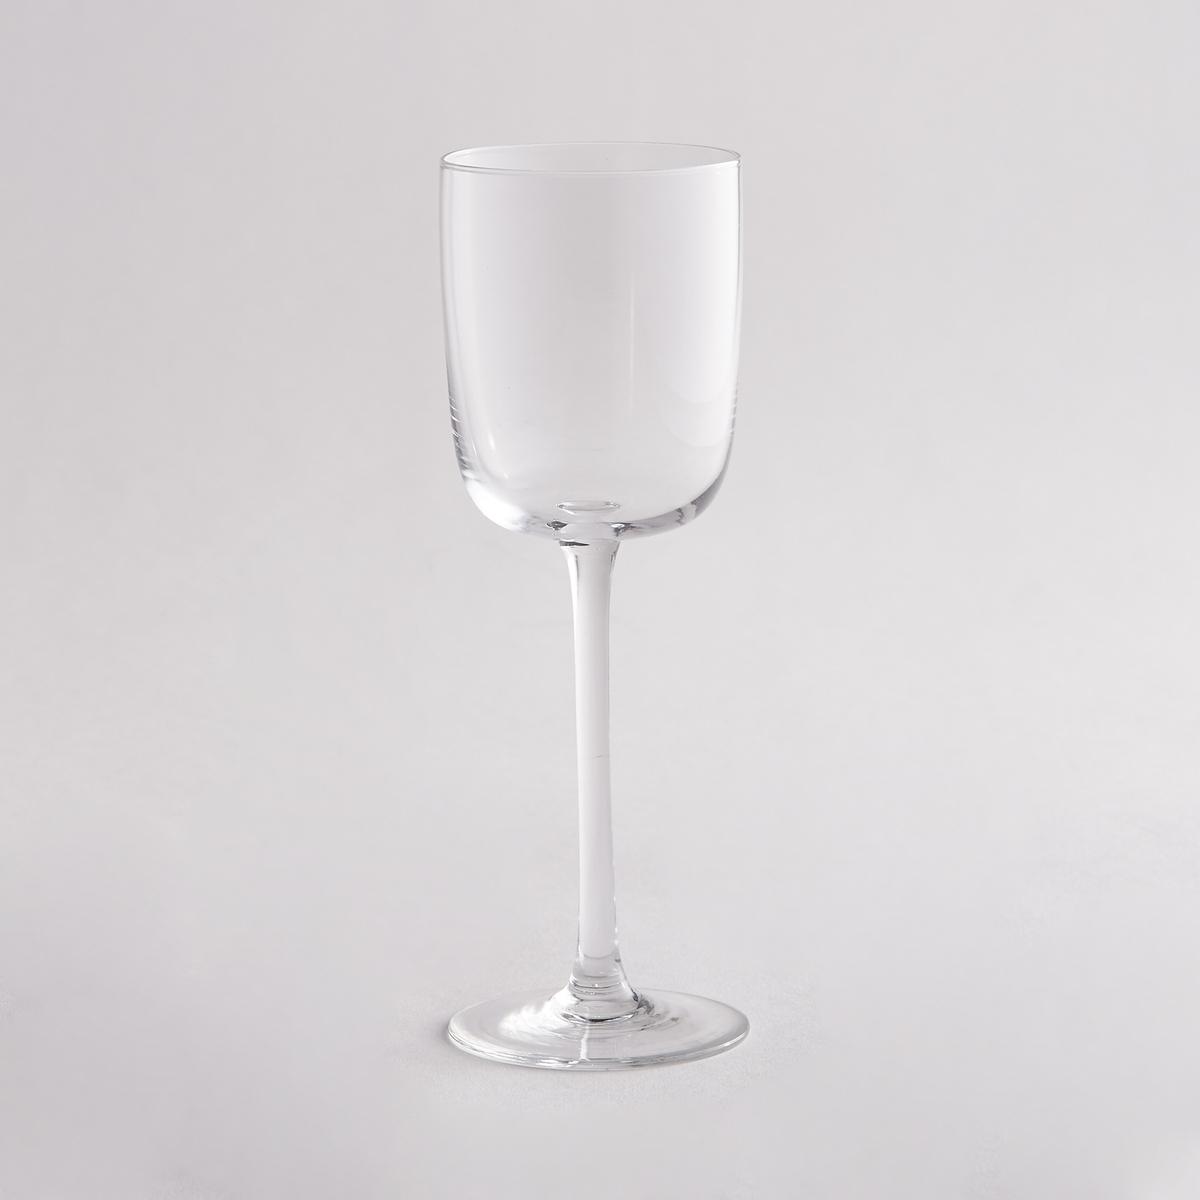 Комплект из 4 бокалов для белого винаКомплект из 4 бокалов для белого вина La redoute Int?rieurs для изысканного стола при любых обстоятельствах.Характеристики 4 бокалов для белого вина:- Бокалы на ножке из стекла.- Размеры: 7 x 7 см.- Высота: 21 см.- Подходят для мытья в посудомоечной машине.- В комплекте 4 бокала.<br><br>Цвет: прозрачный<br>Размер: единый размер